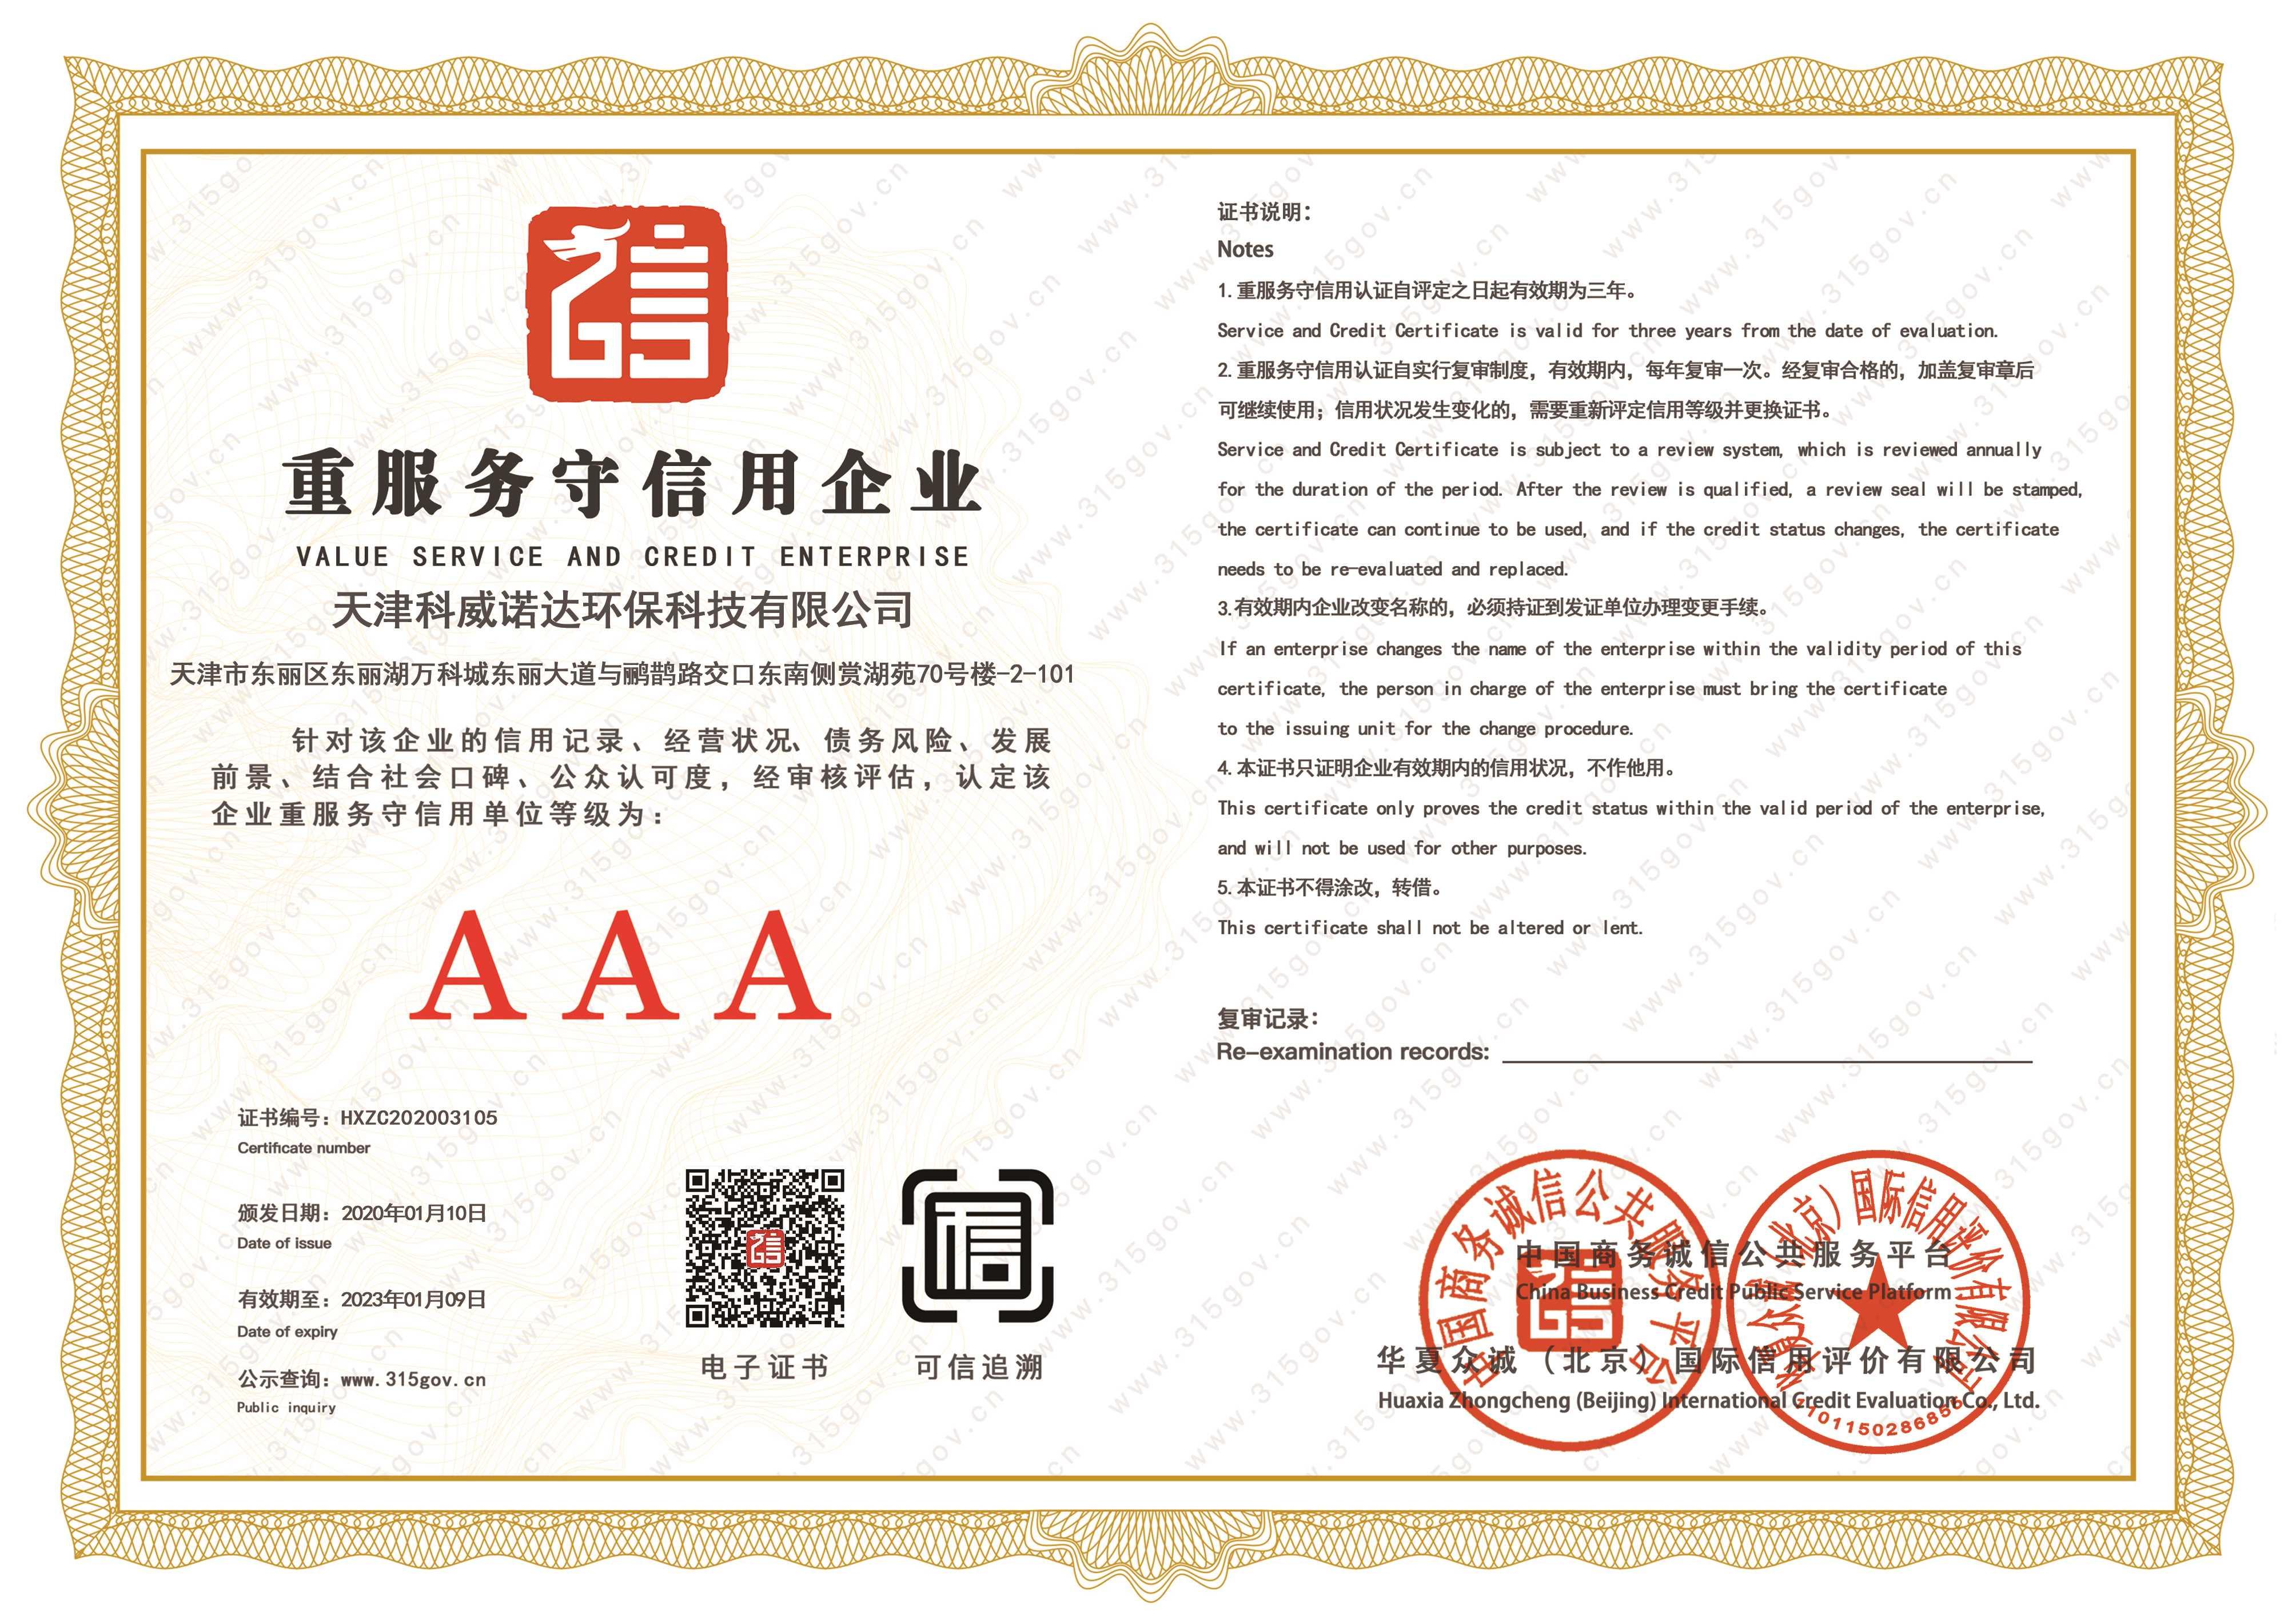 荣誉证书-重服务守信用